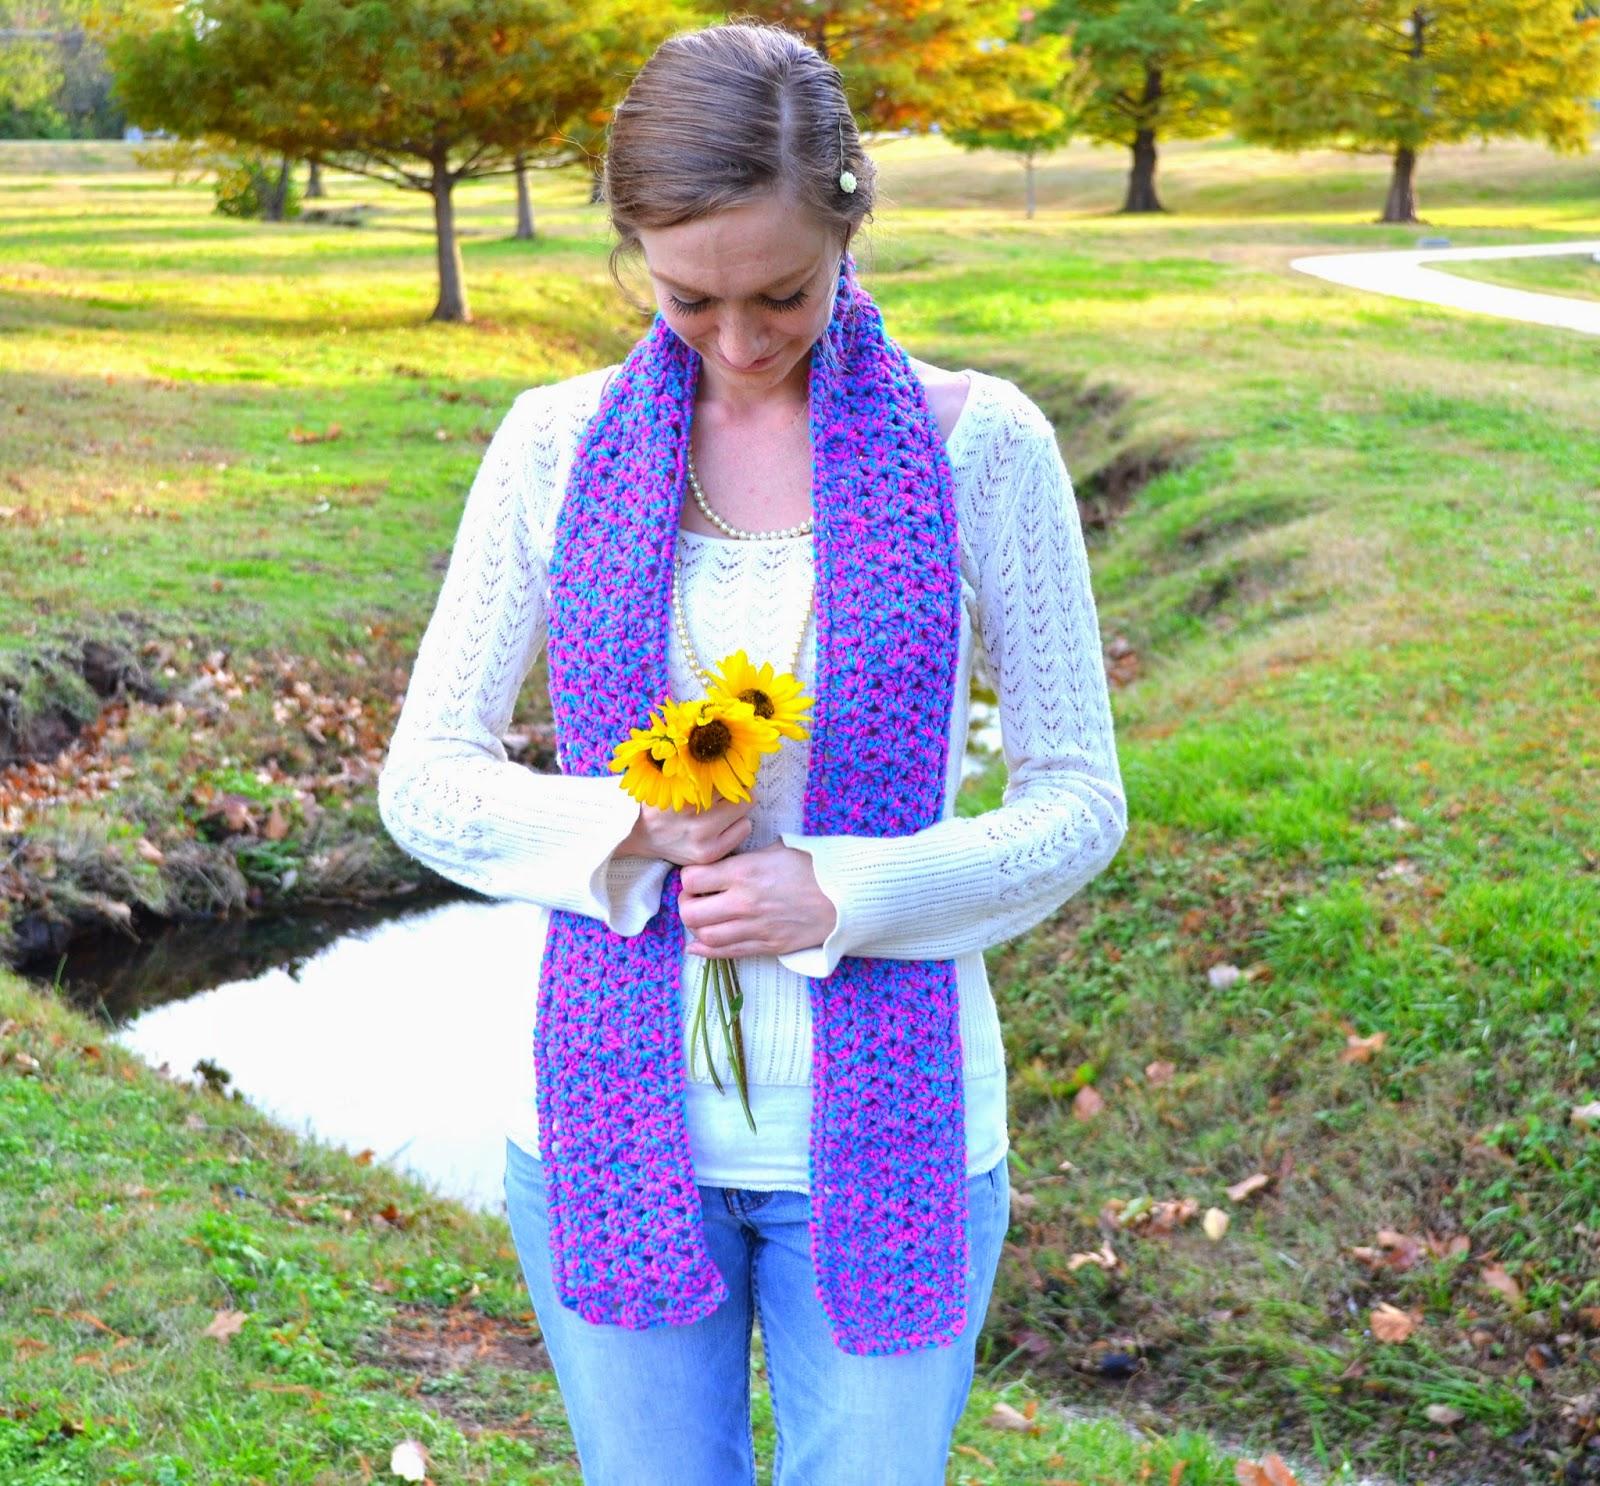 https://www.etsy.com/listing/211066483/maypole-dancers-crochet-scarf